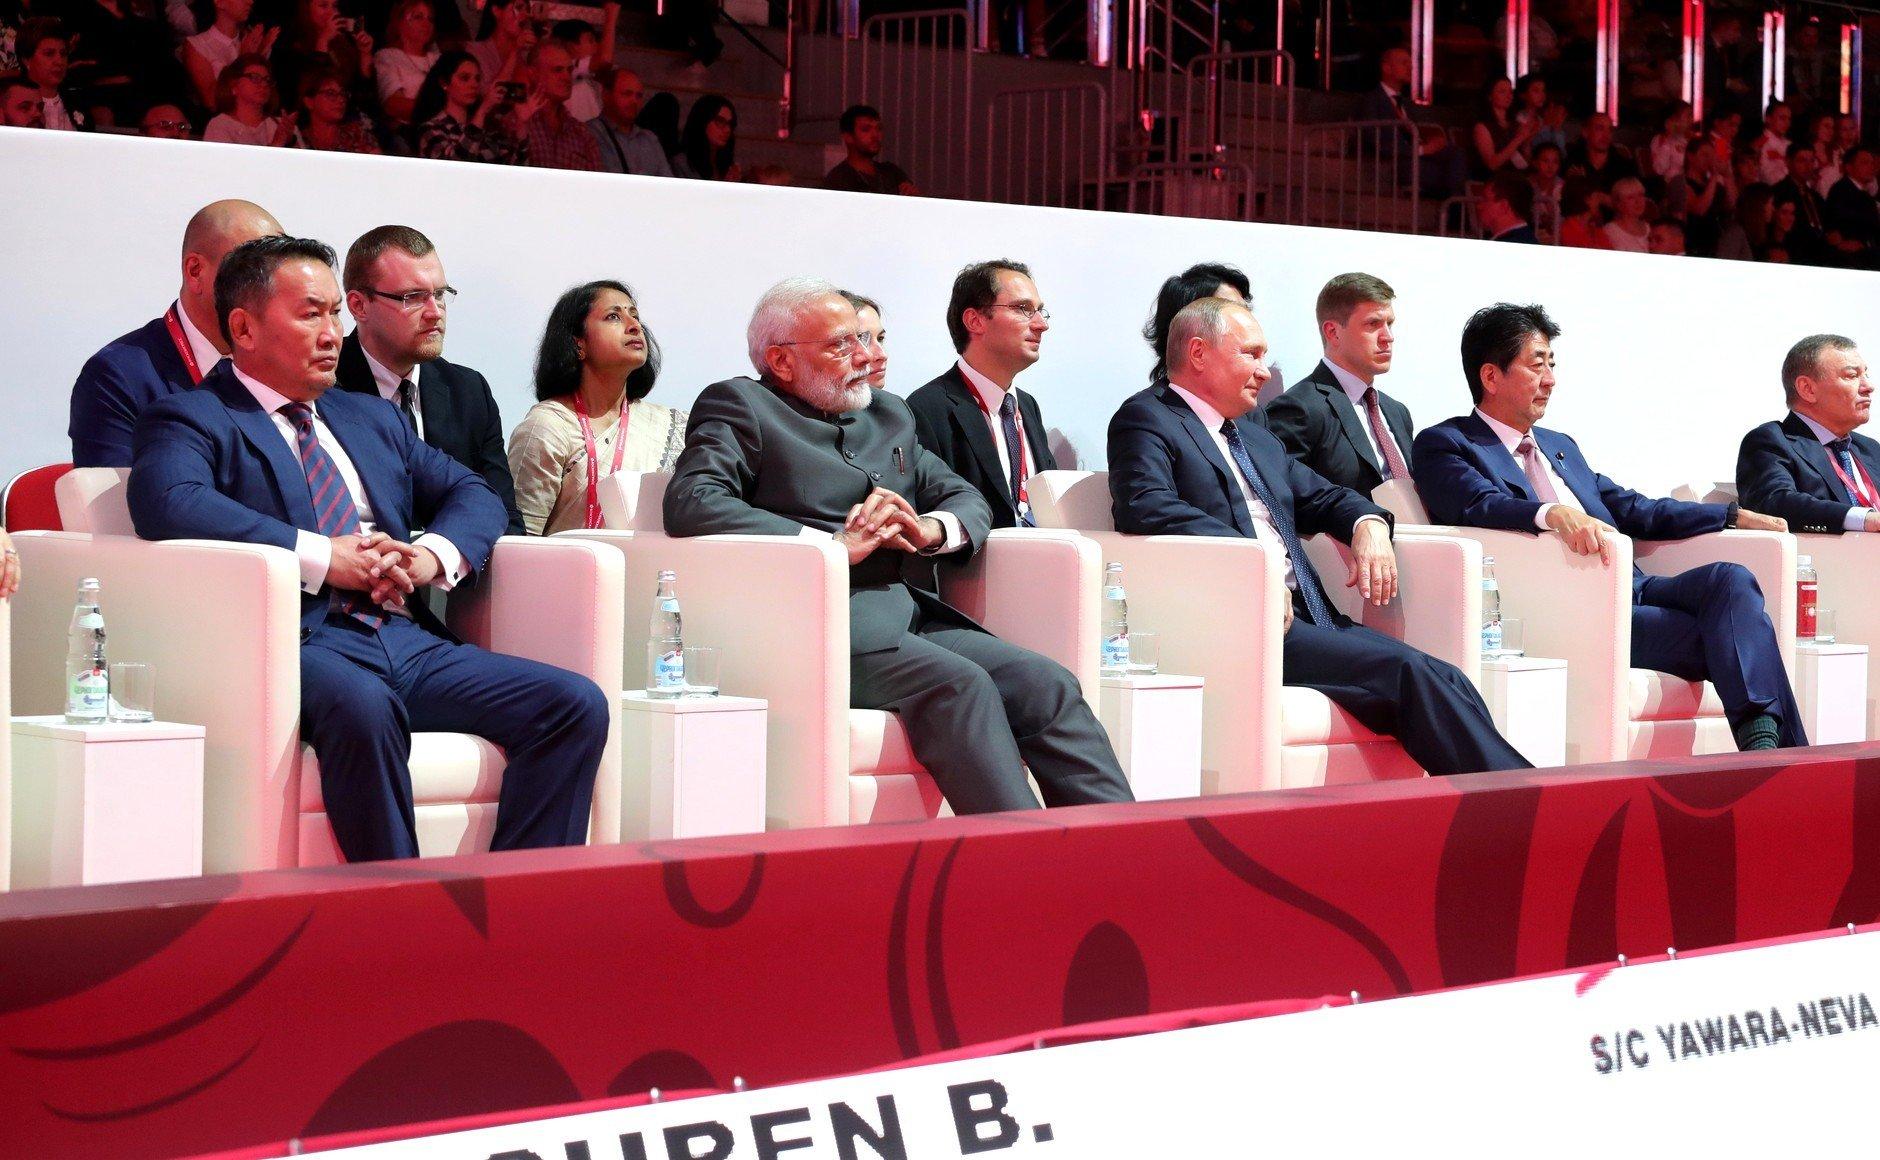 Лидерство запада заканчивается, появляется новый центр силы: Россия, Китай, Индия